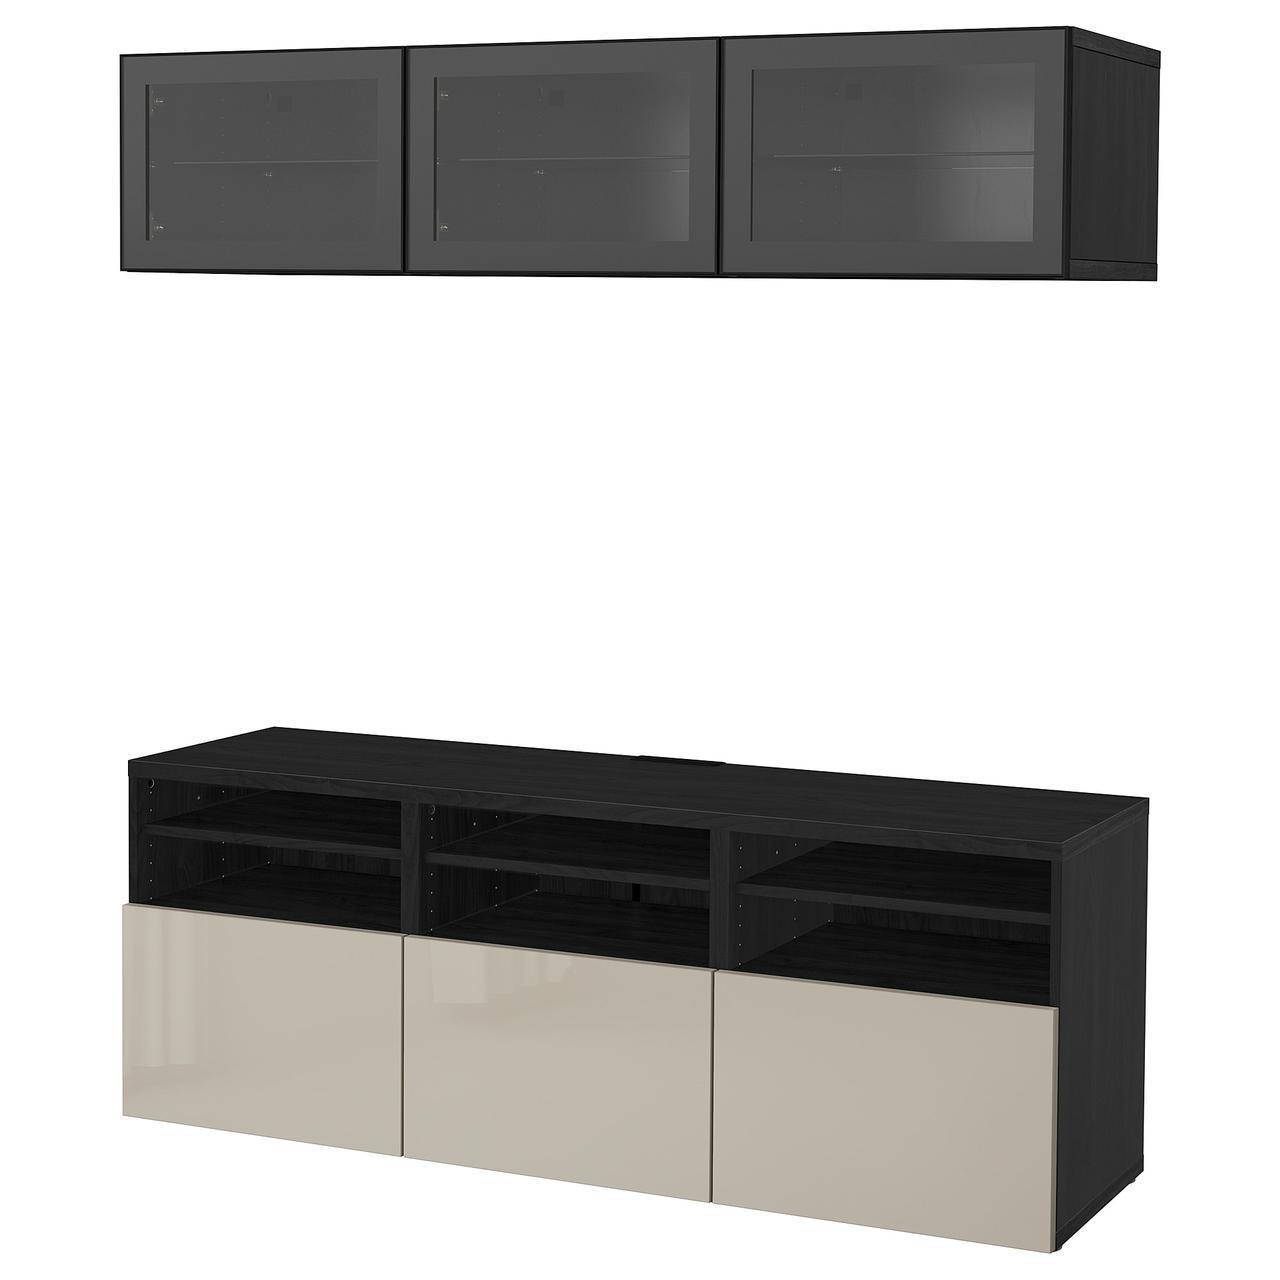 IKEA BESTA Тумба под телевизор с стеклянными дверьми, черн-коричневый цвет, Сельсвикен (691.945.24)